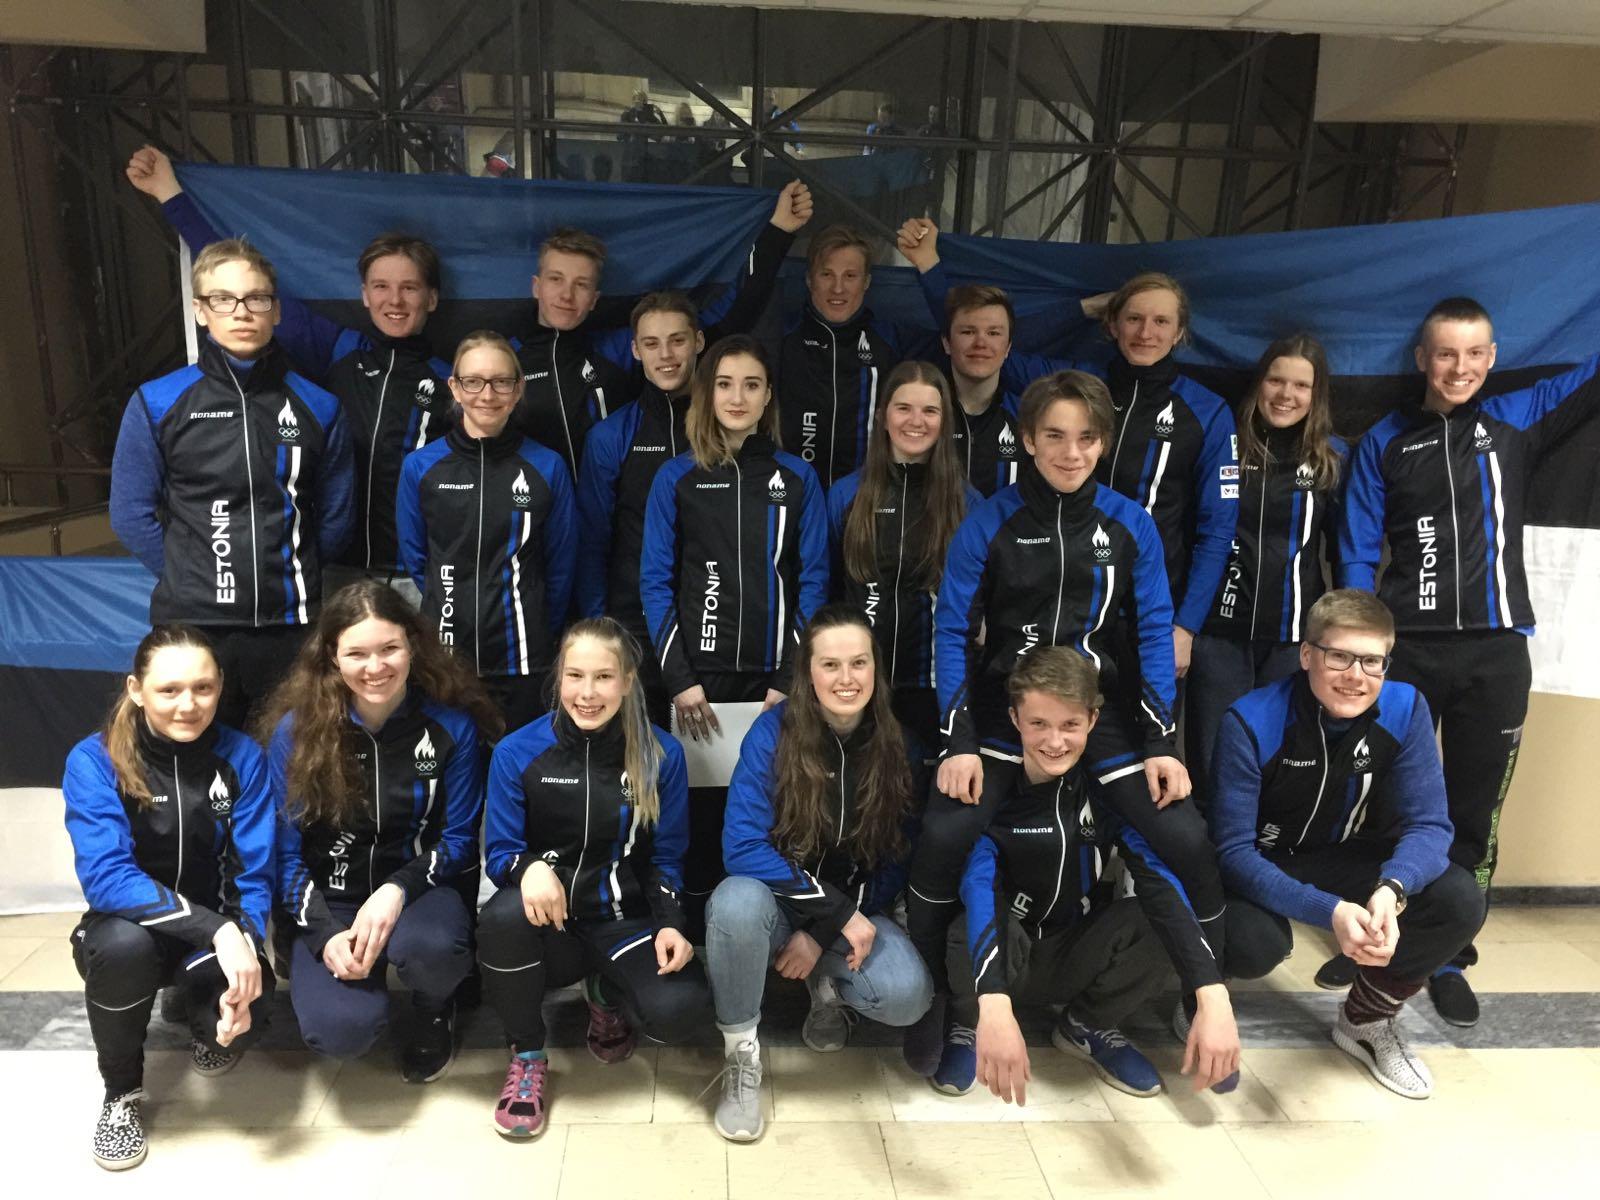 Eesti laskesuusatiim võitis noorte olümpiafestivalil segateates 7. koha